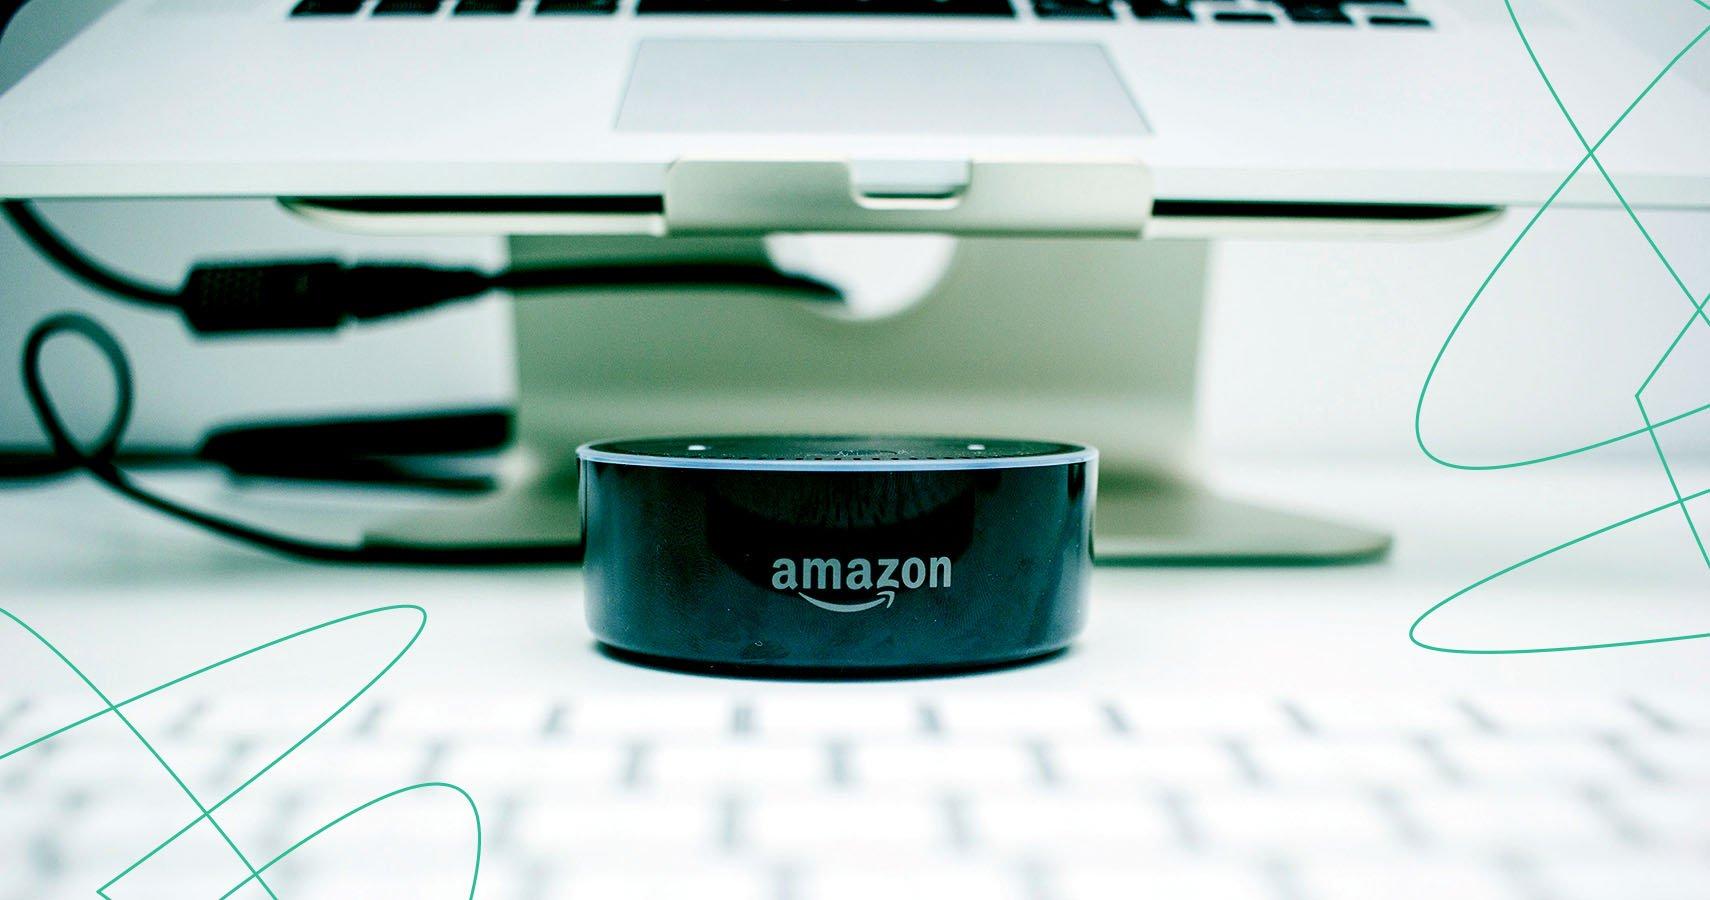 Smarte Assistenten und Voice-Search-Ads